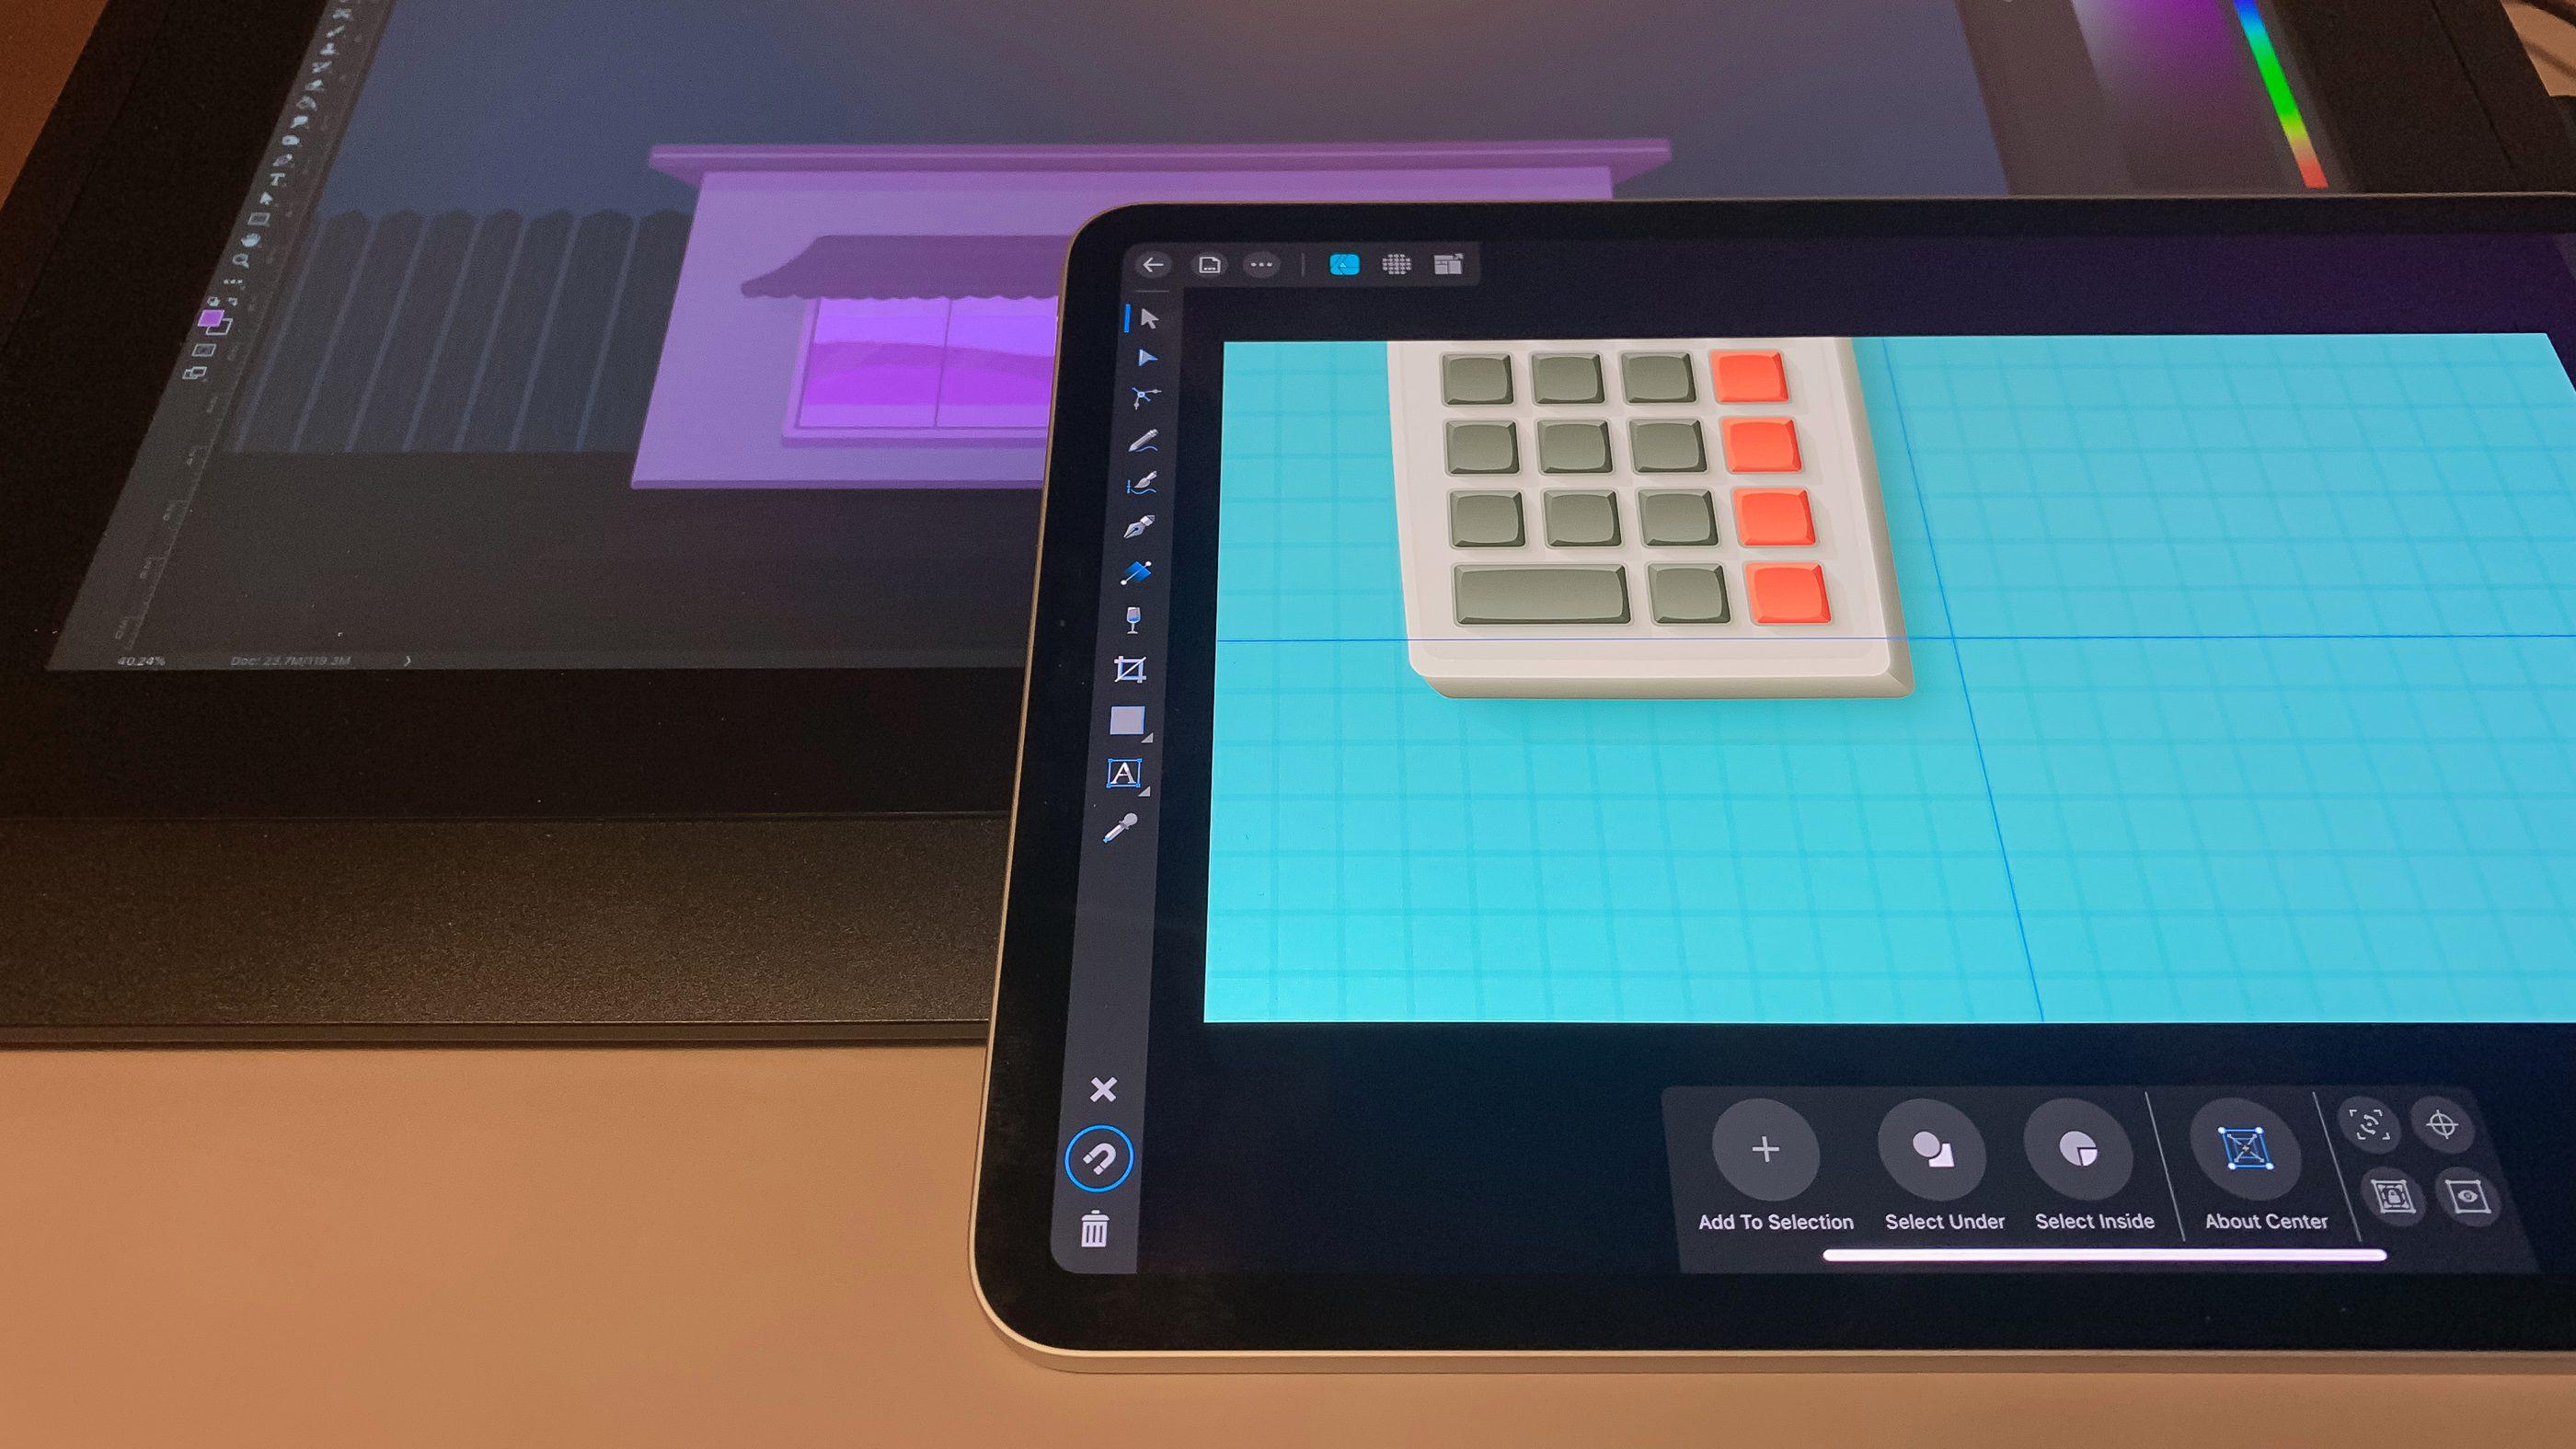 """<span href=""""https://9to5mac.com/2019/03/14/wacom-cintiq-16-hands-on-review-vs-ipad-pro/"""">Hands-on: Wacom Cintiq 16 tableta desde la perspectiva de un iPad Pro de usuario</a>"""